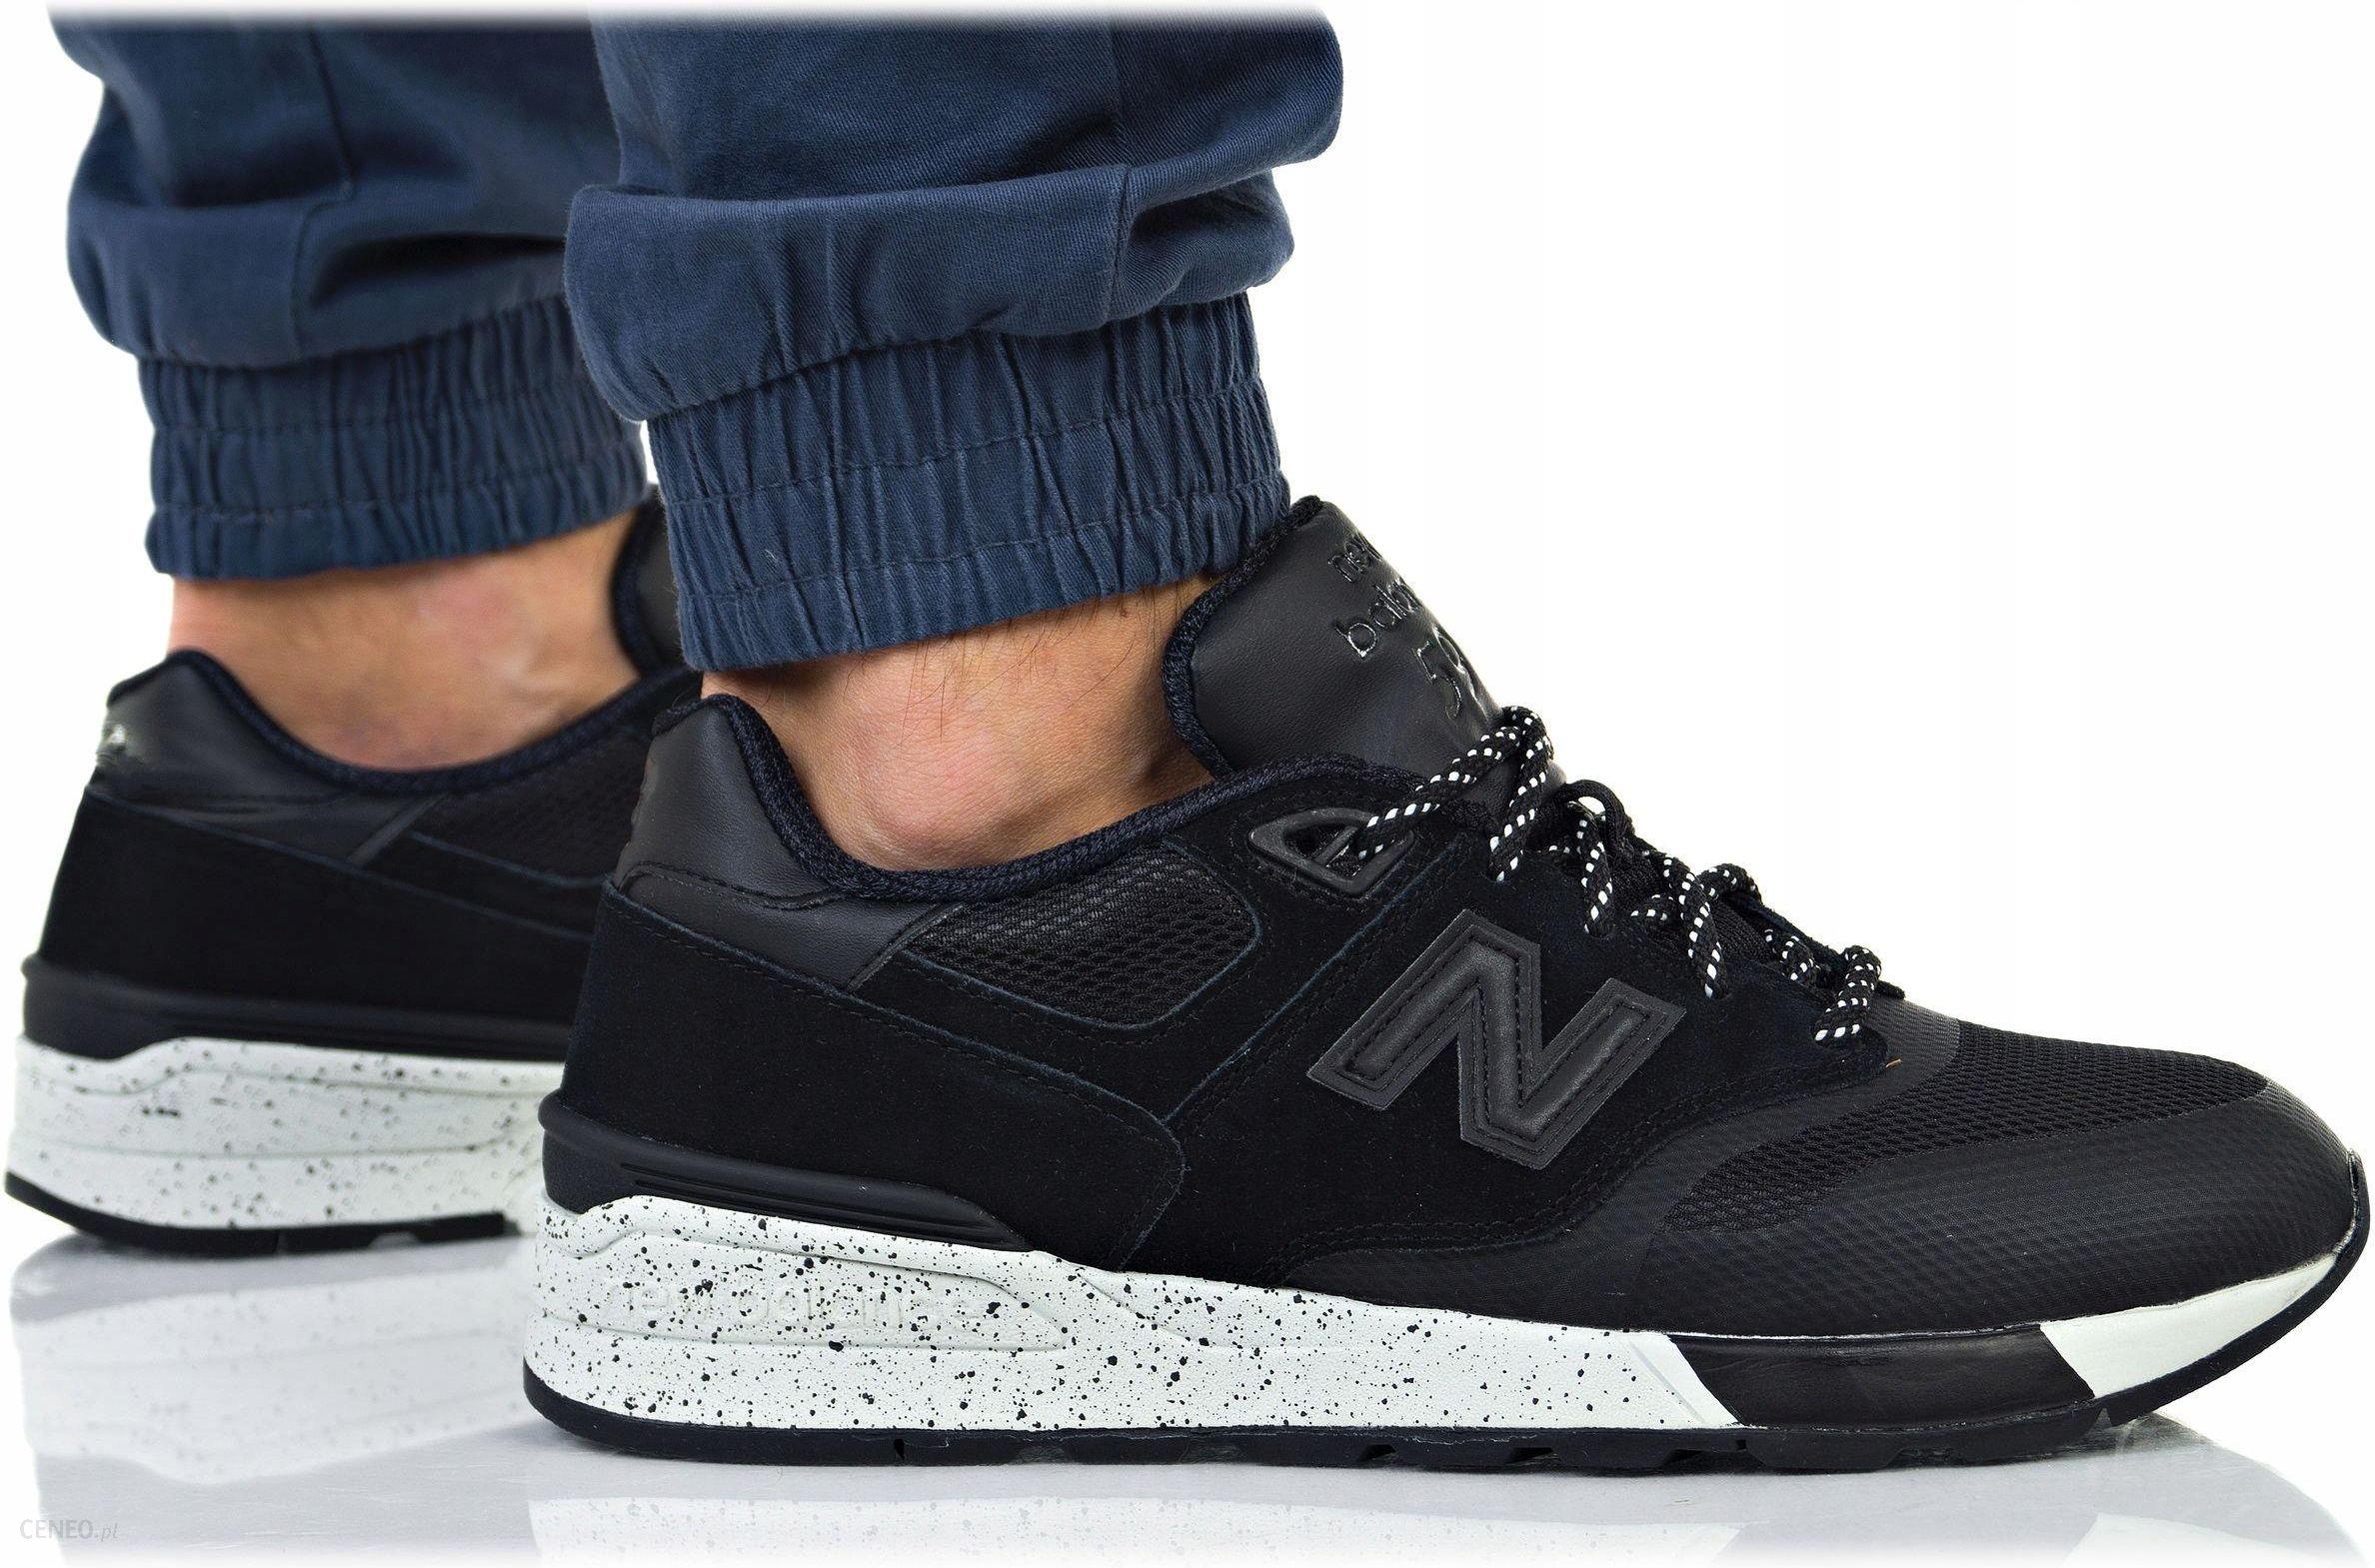 Buty ml597ptc czarny (New Balance)